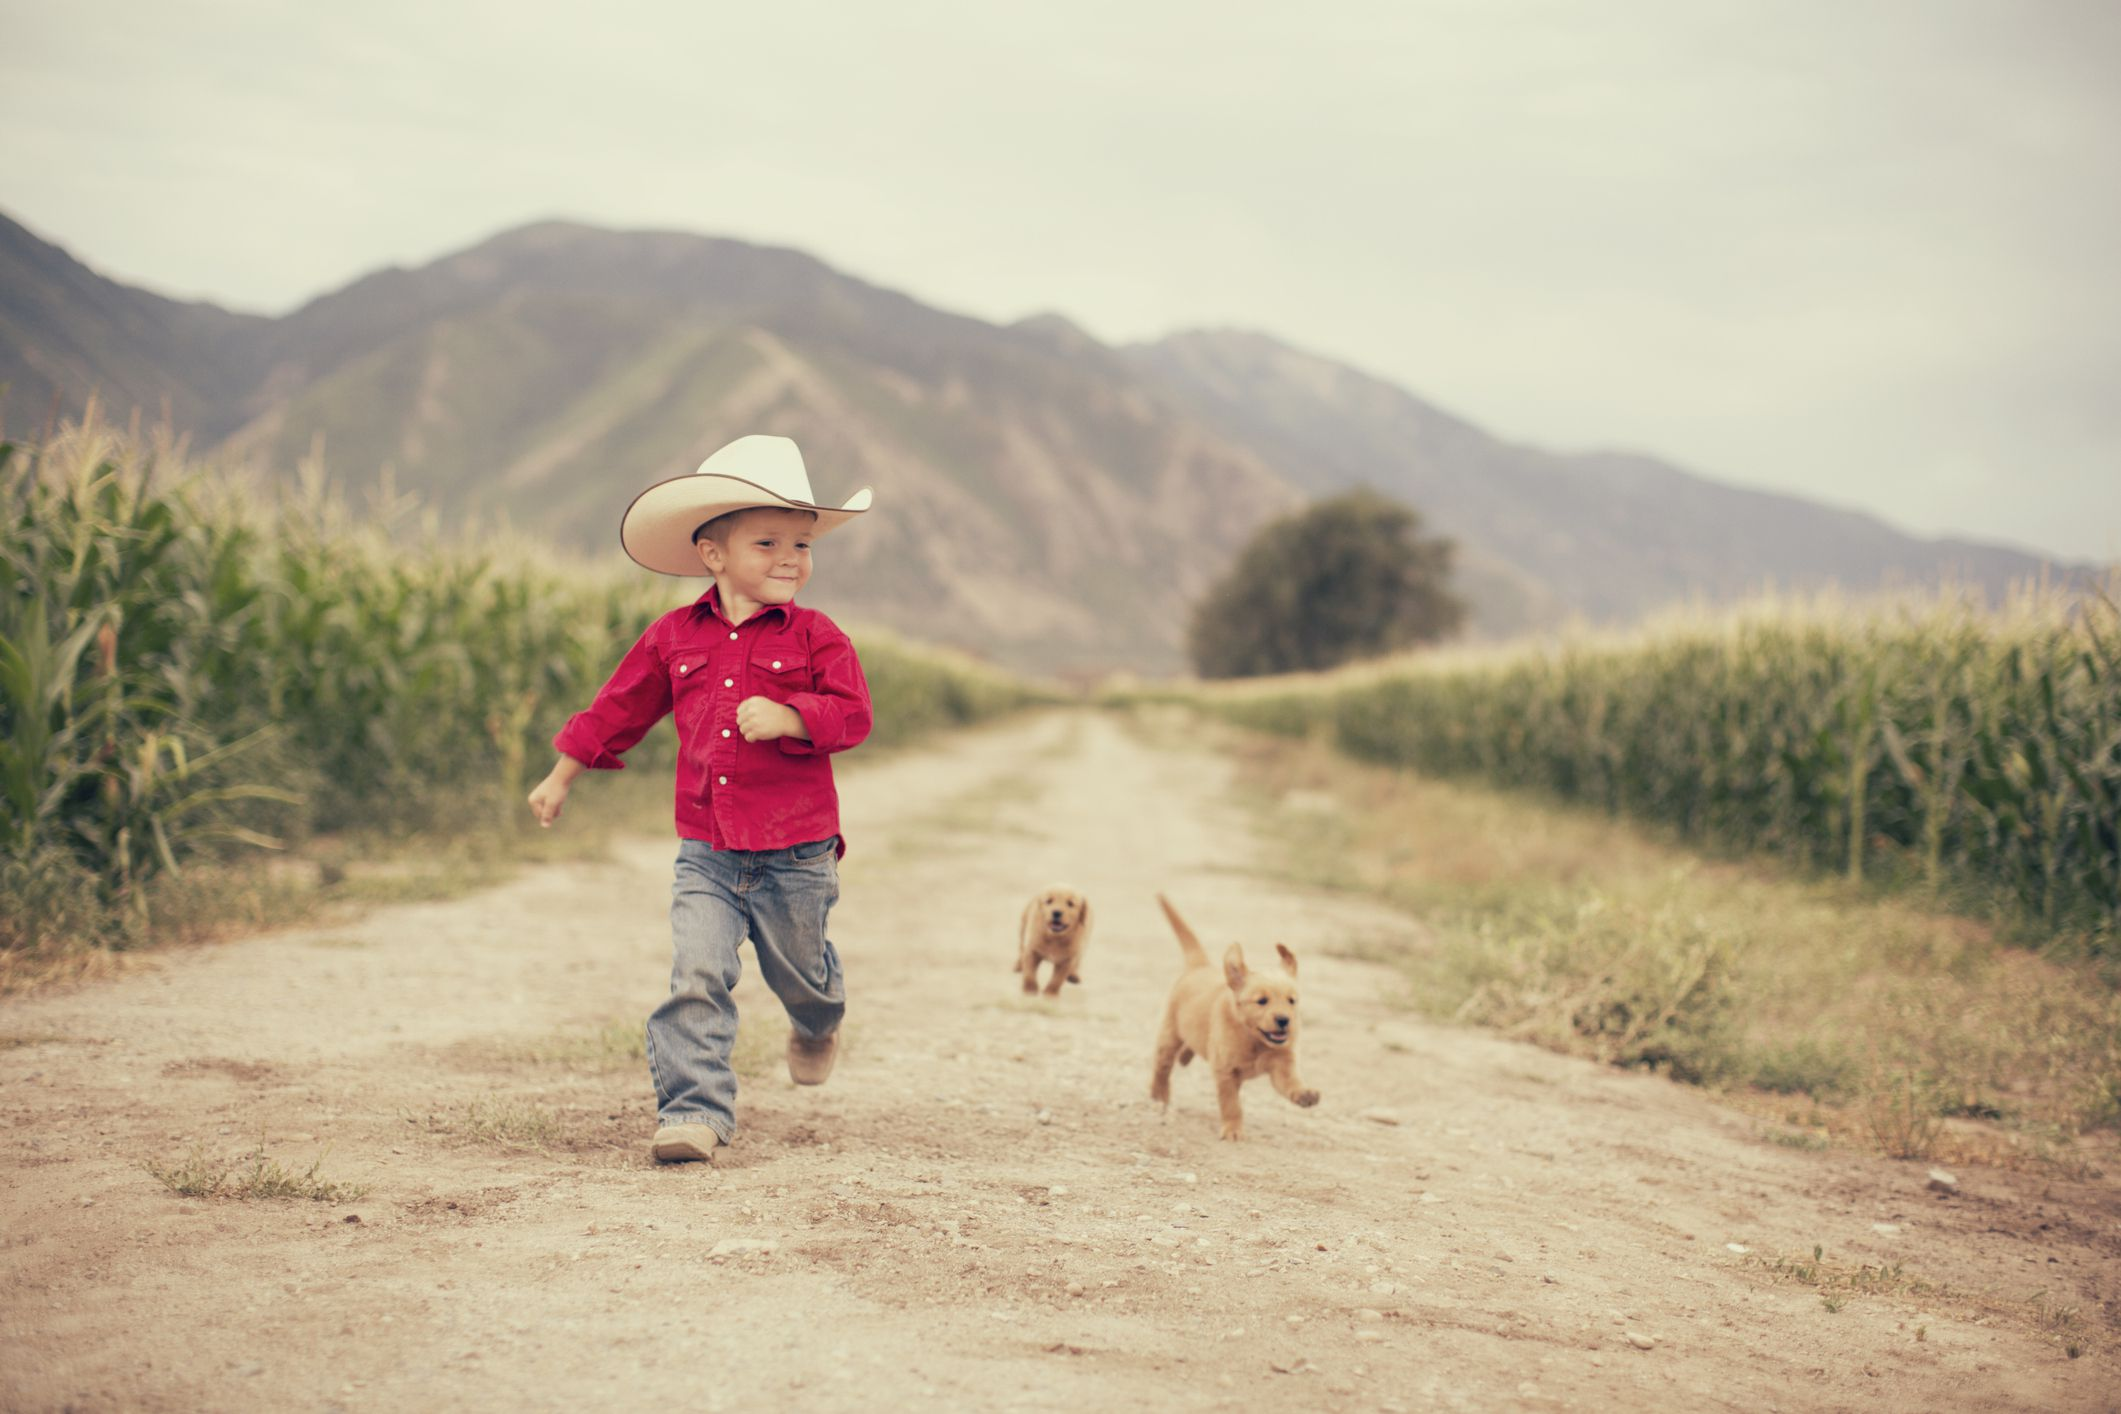 criança country